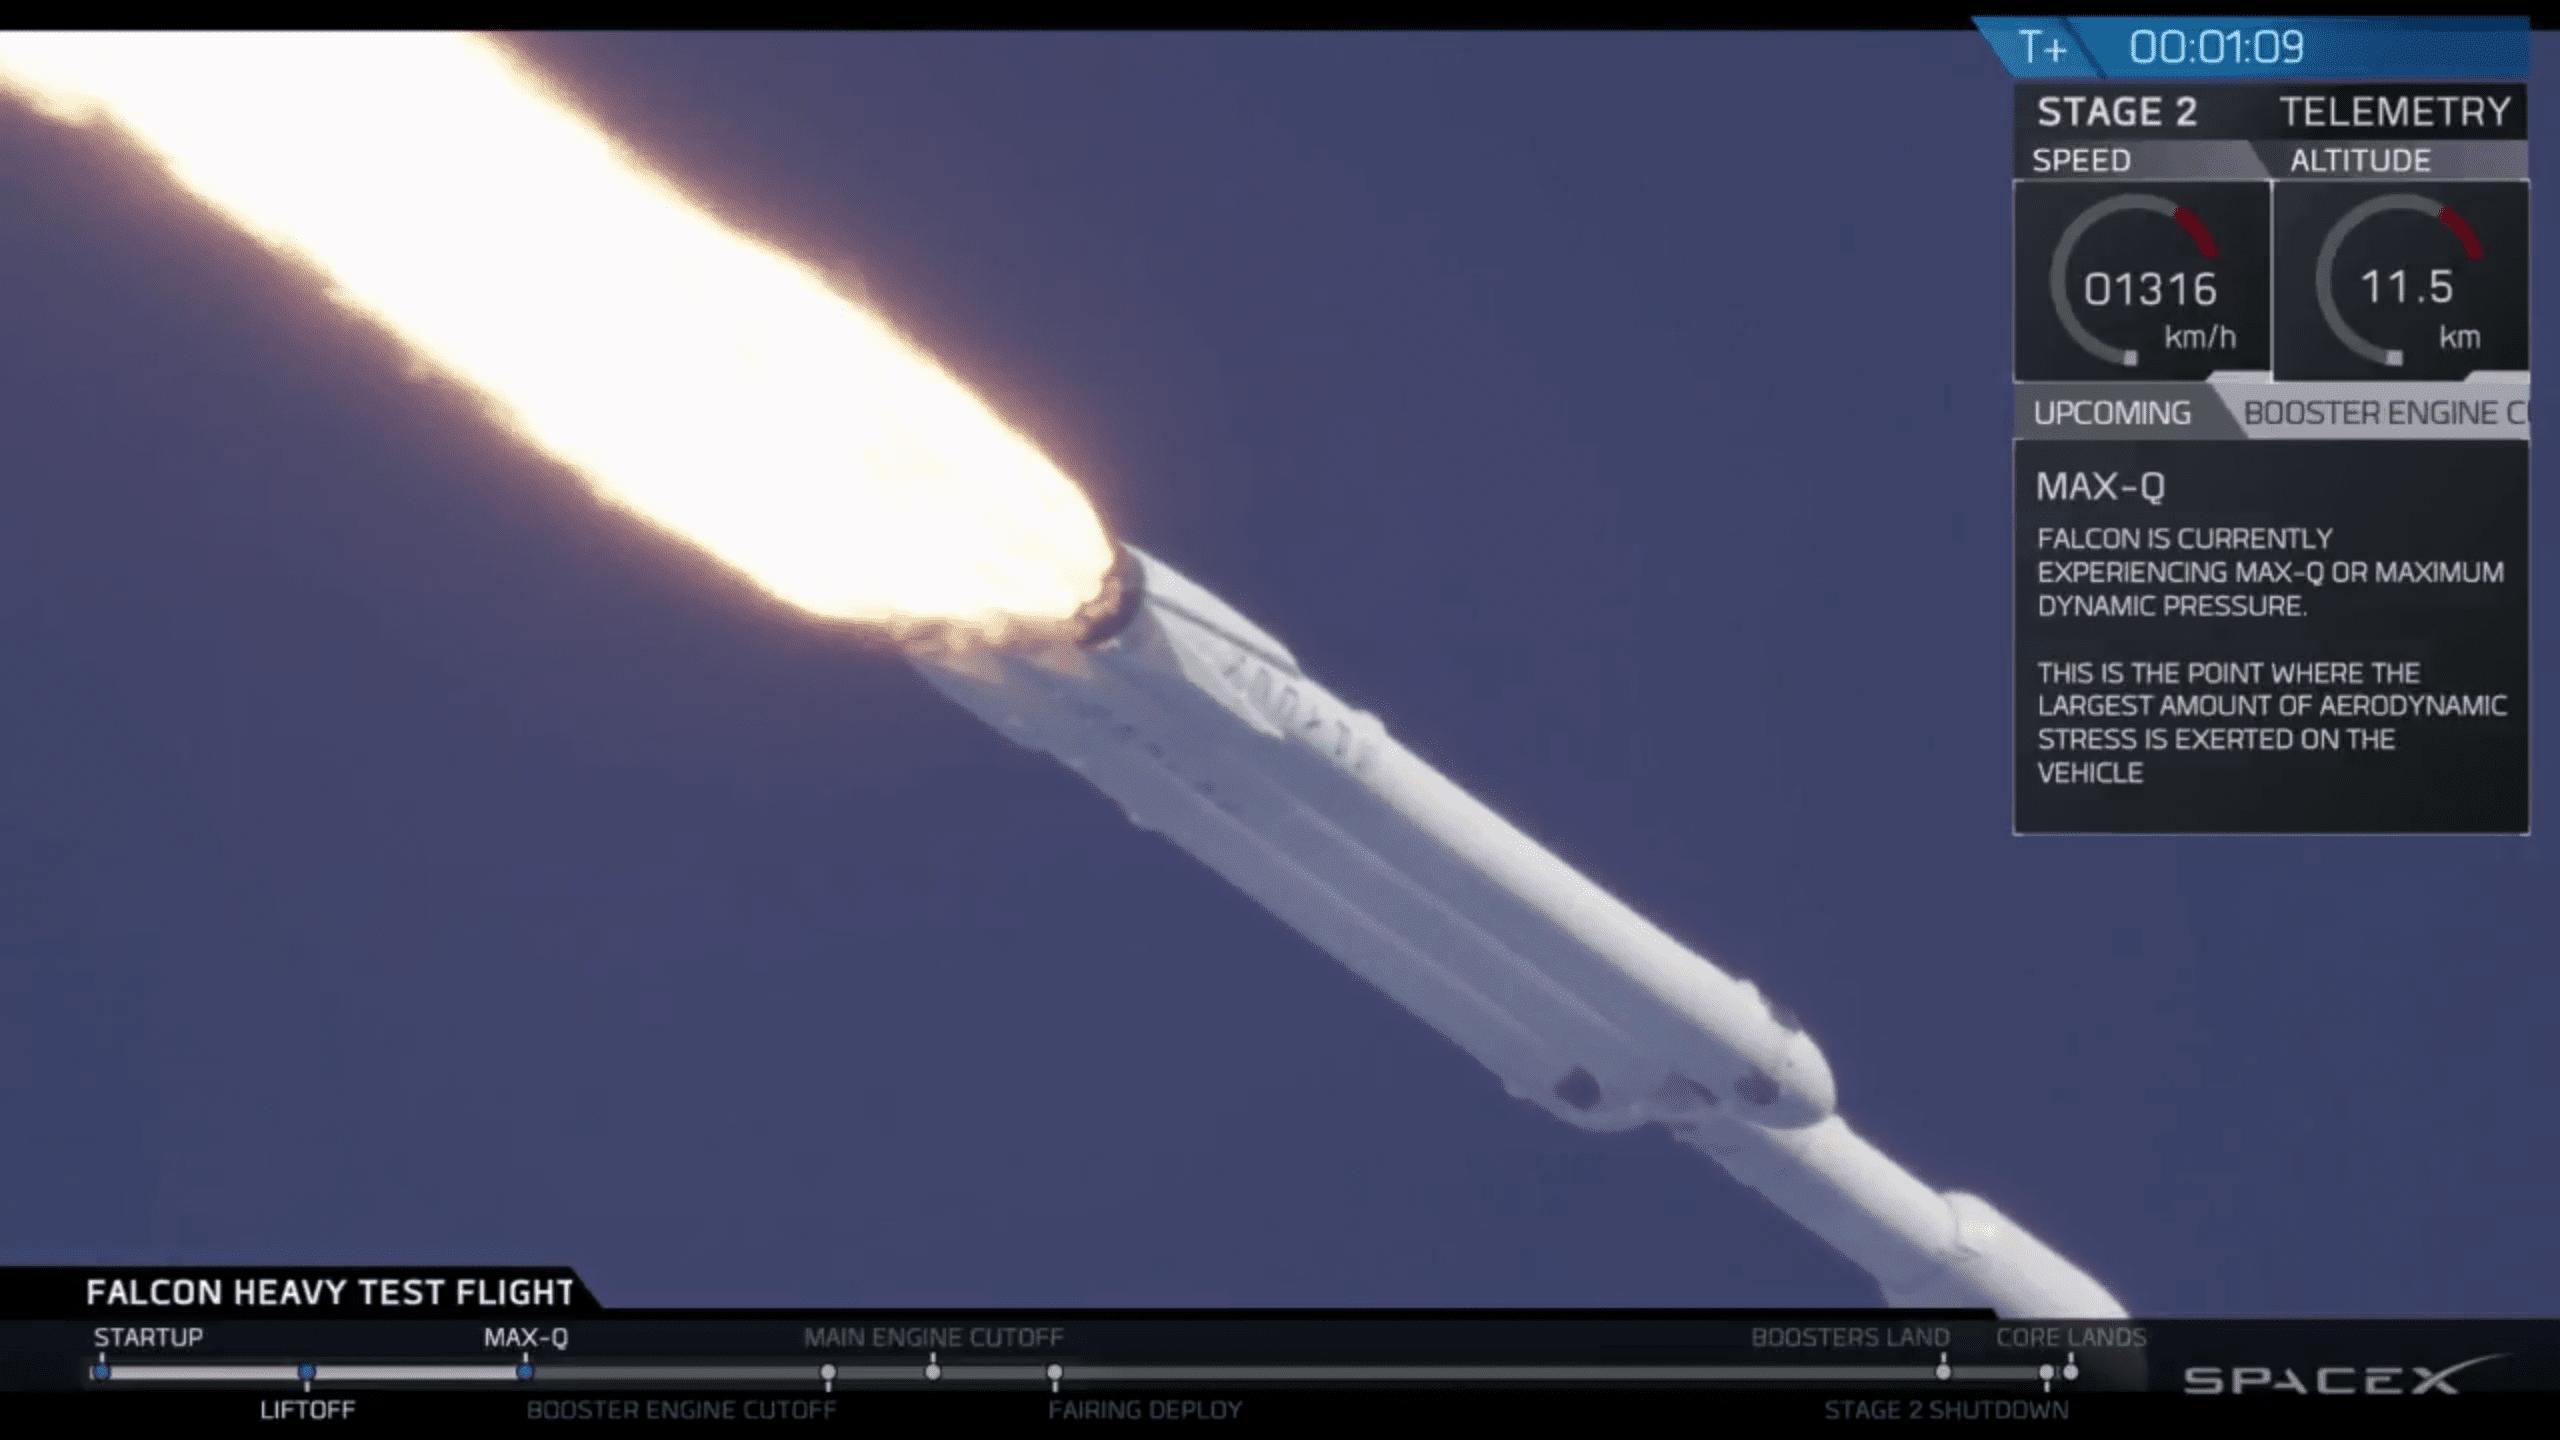 Falcon heavy : space x et le roadster tesla dans l'espace